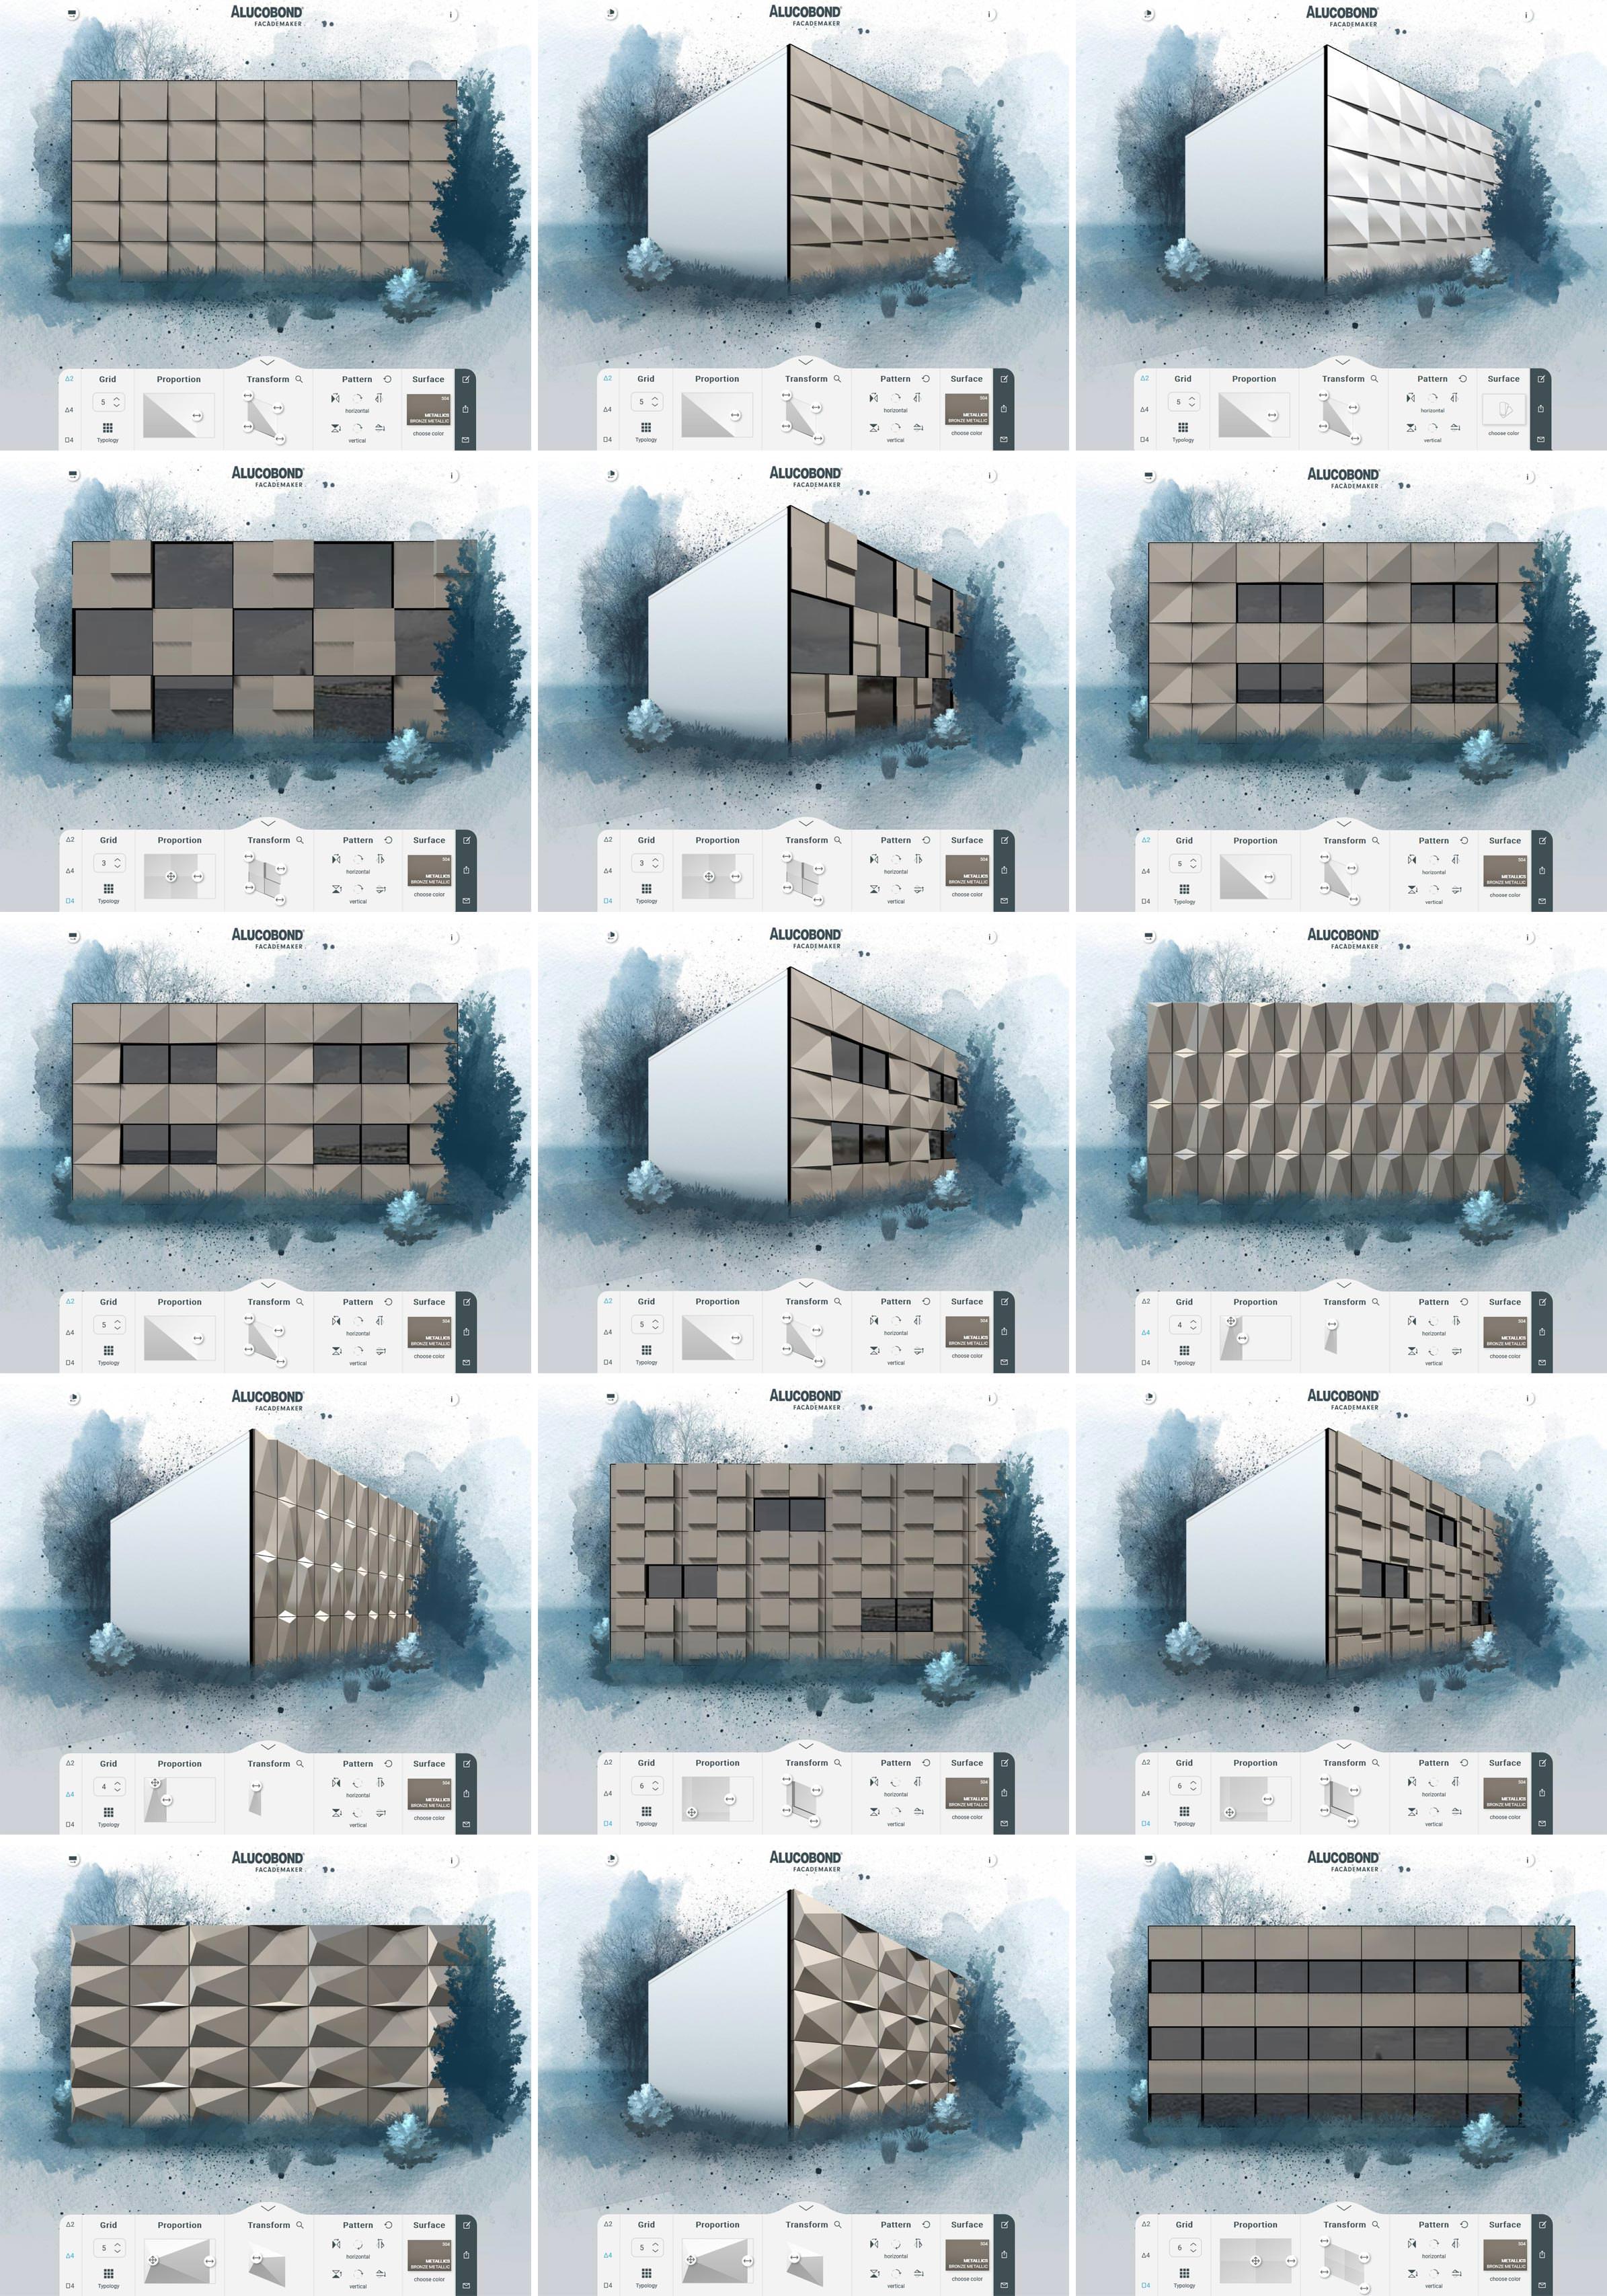 fassadengestaltung software kostenlos. Black Bedroom Furniture Sets. Home Design Ideas